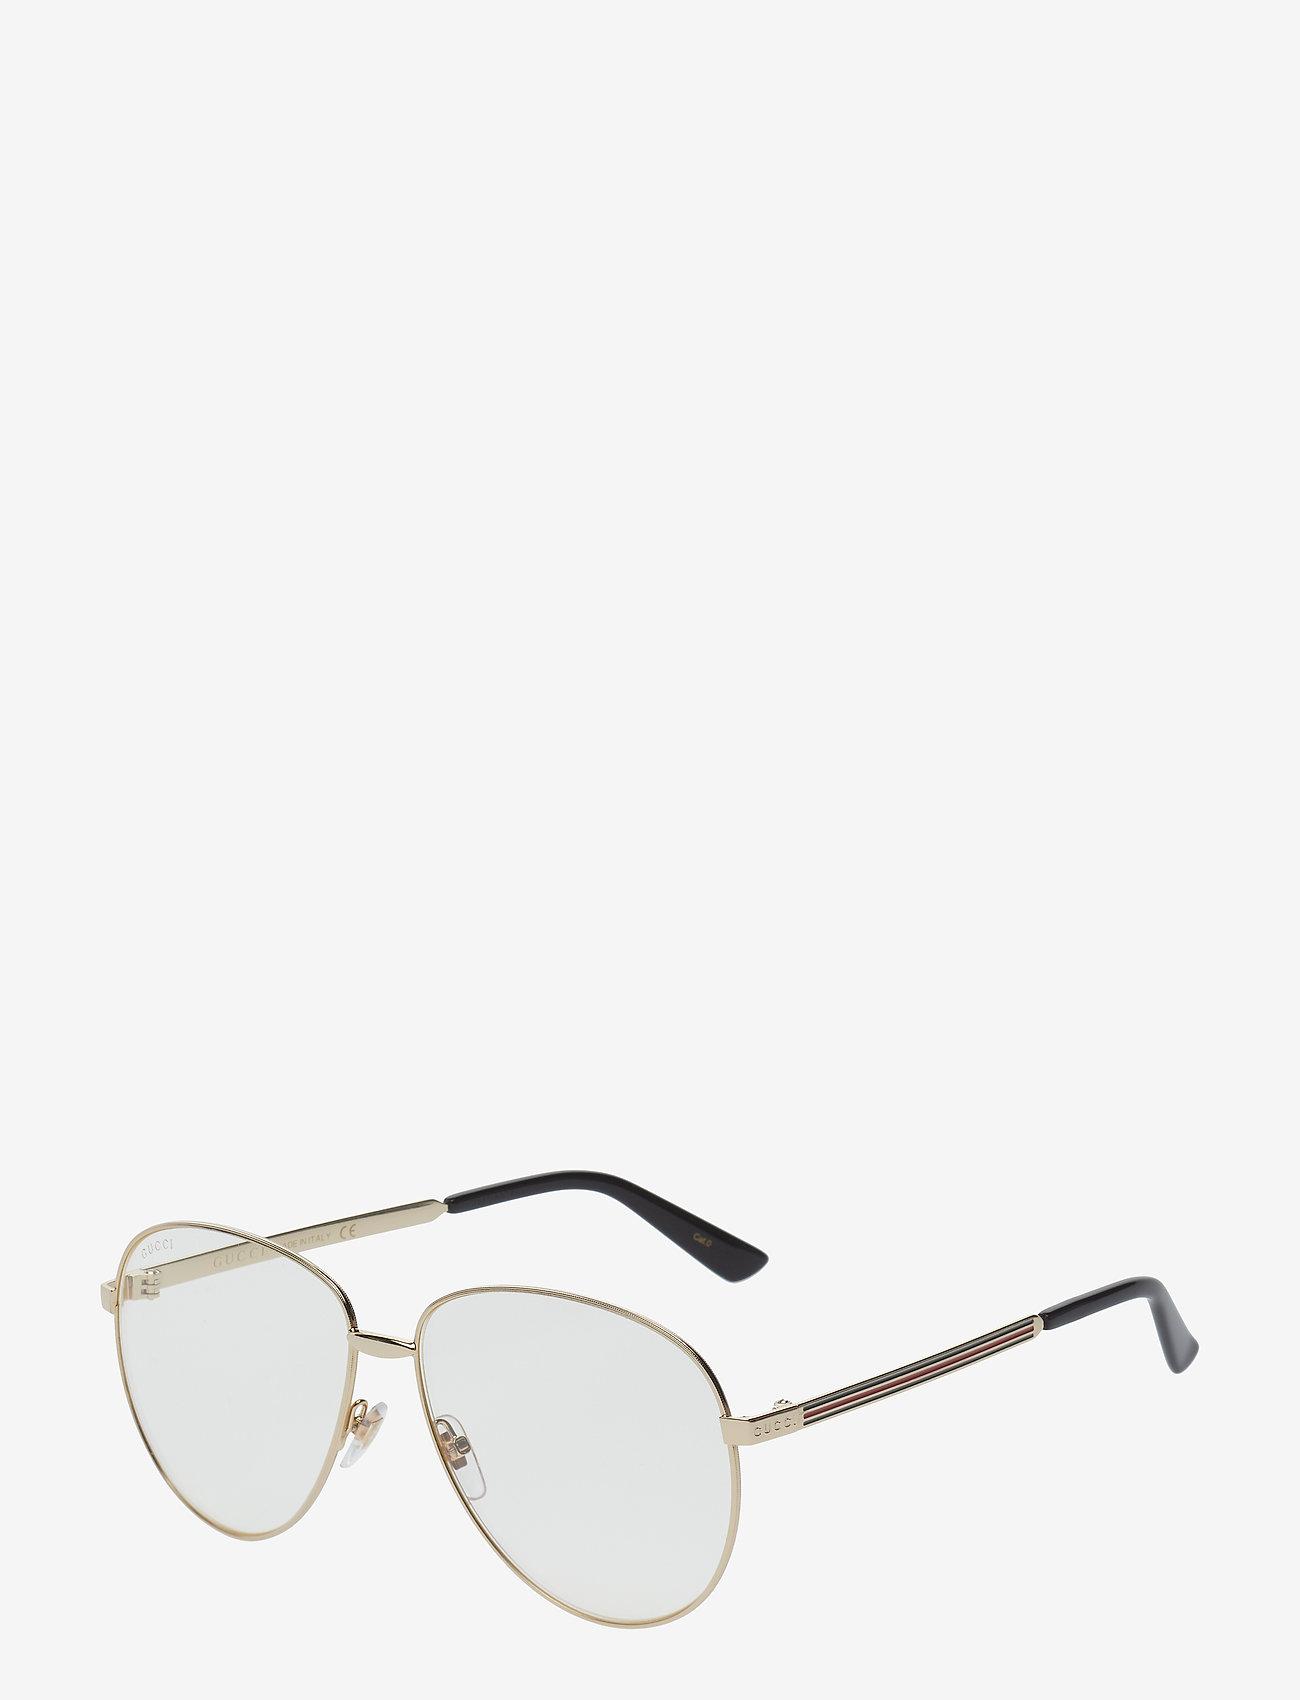 Gucci Sunglasses - GG0138S - okulary przeciwsłoneczne aviator - gold-gold-transparent - 1